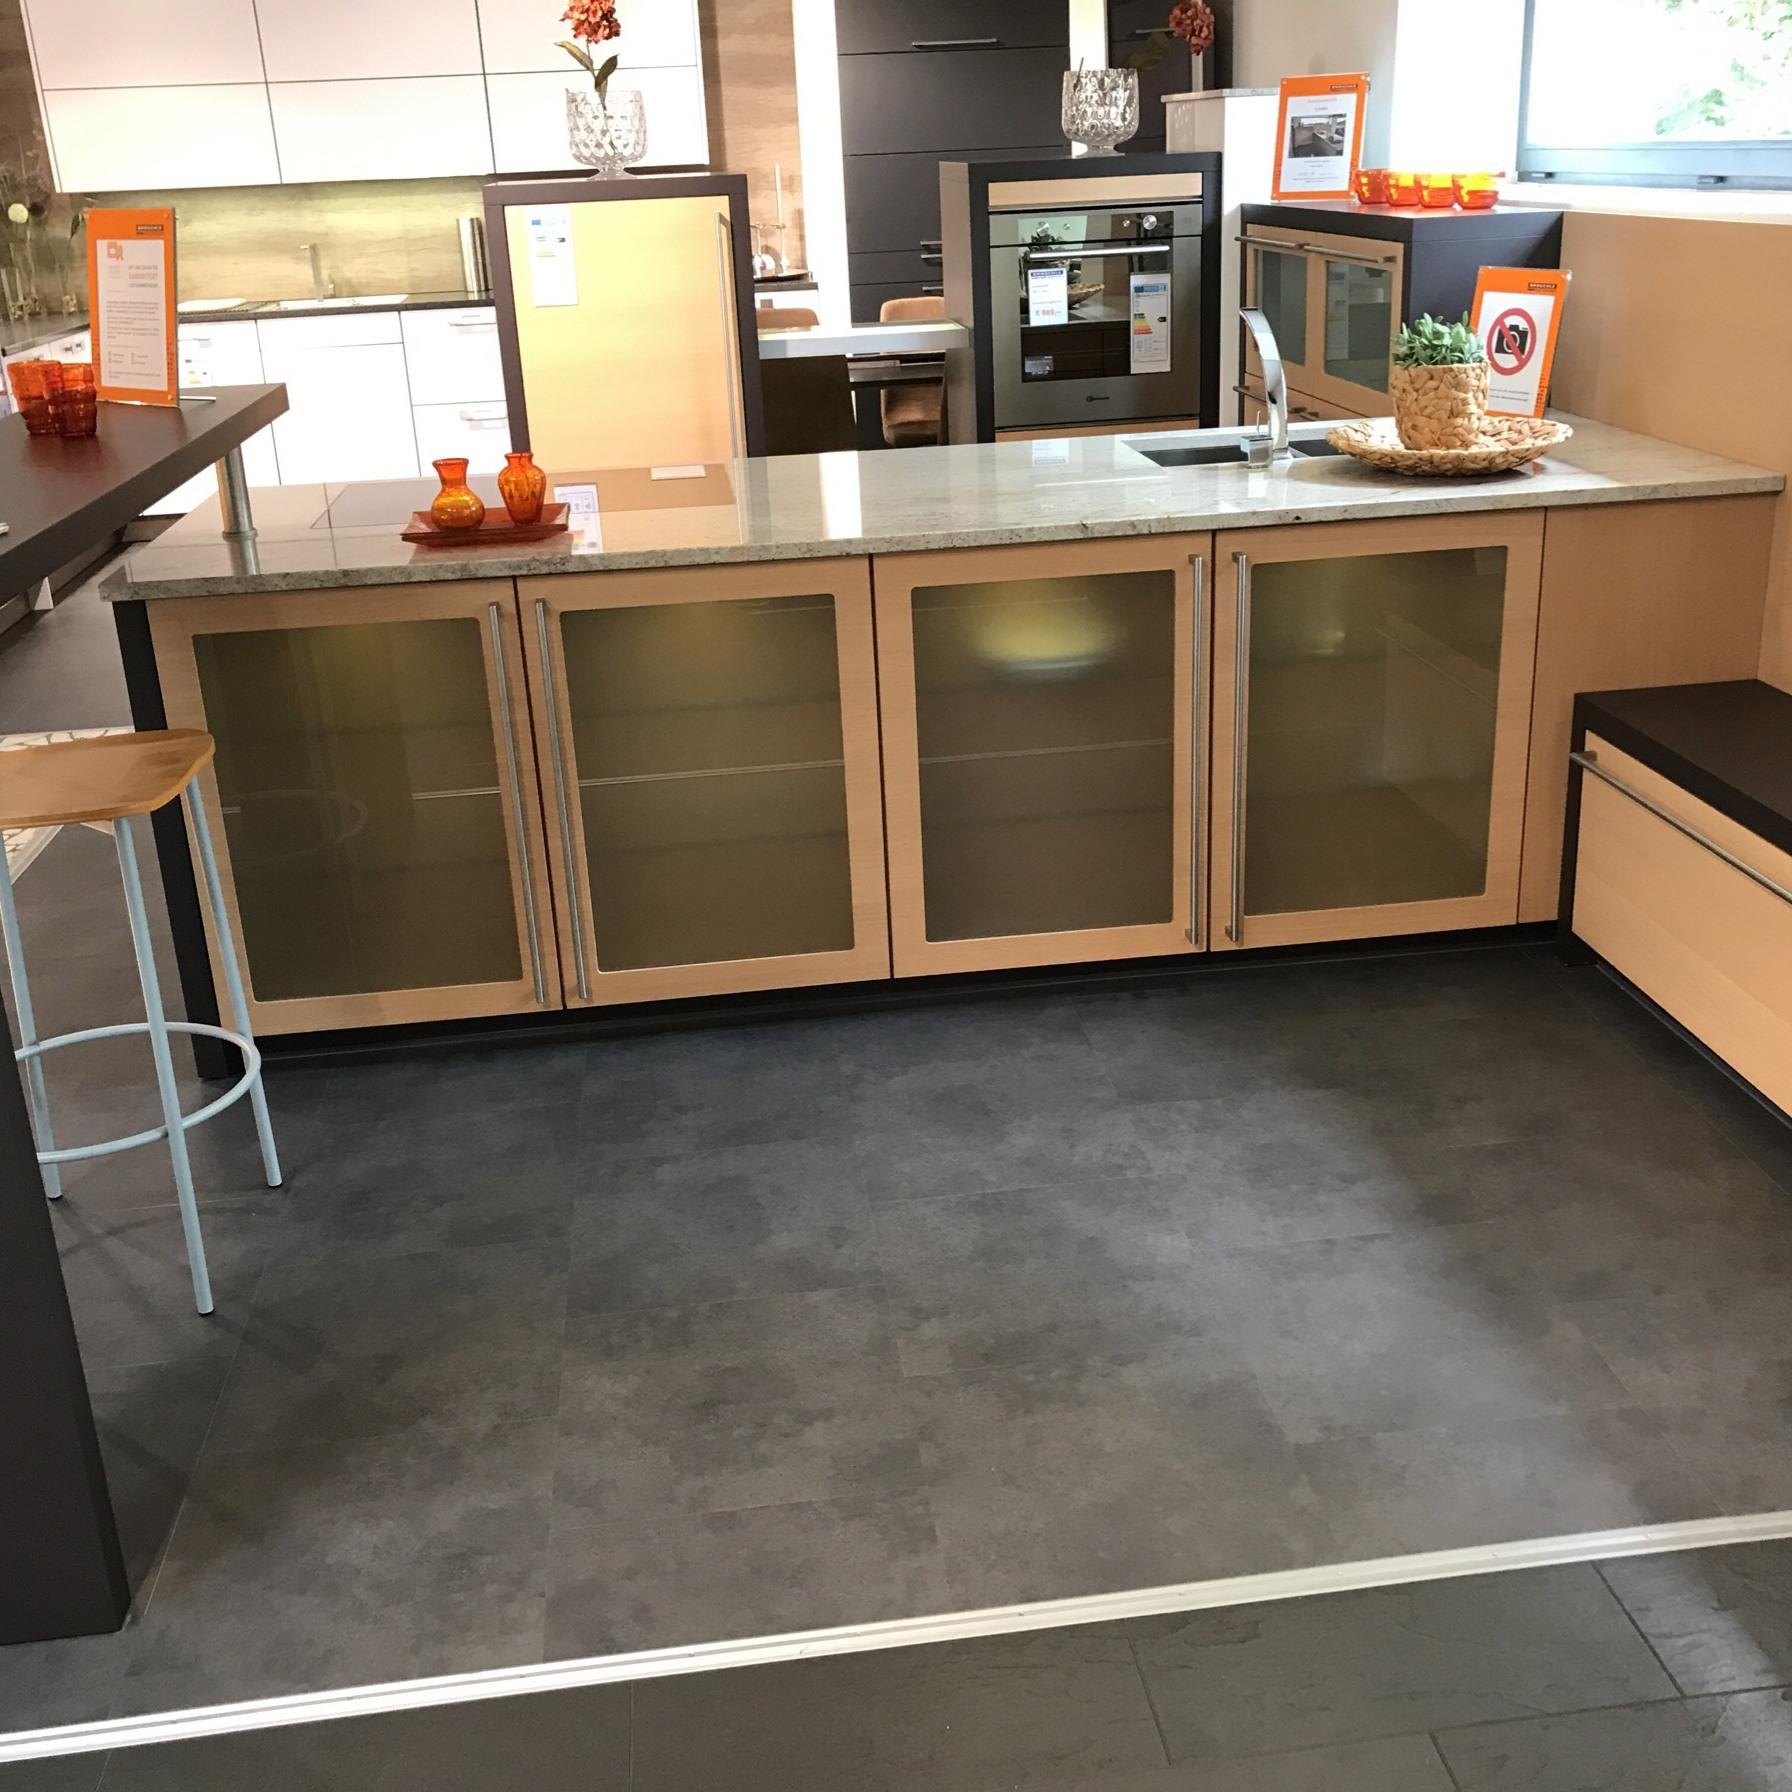 Mein Ausstellungsstück: Küche